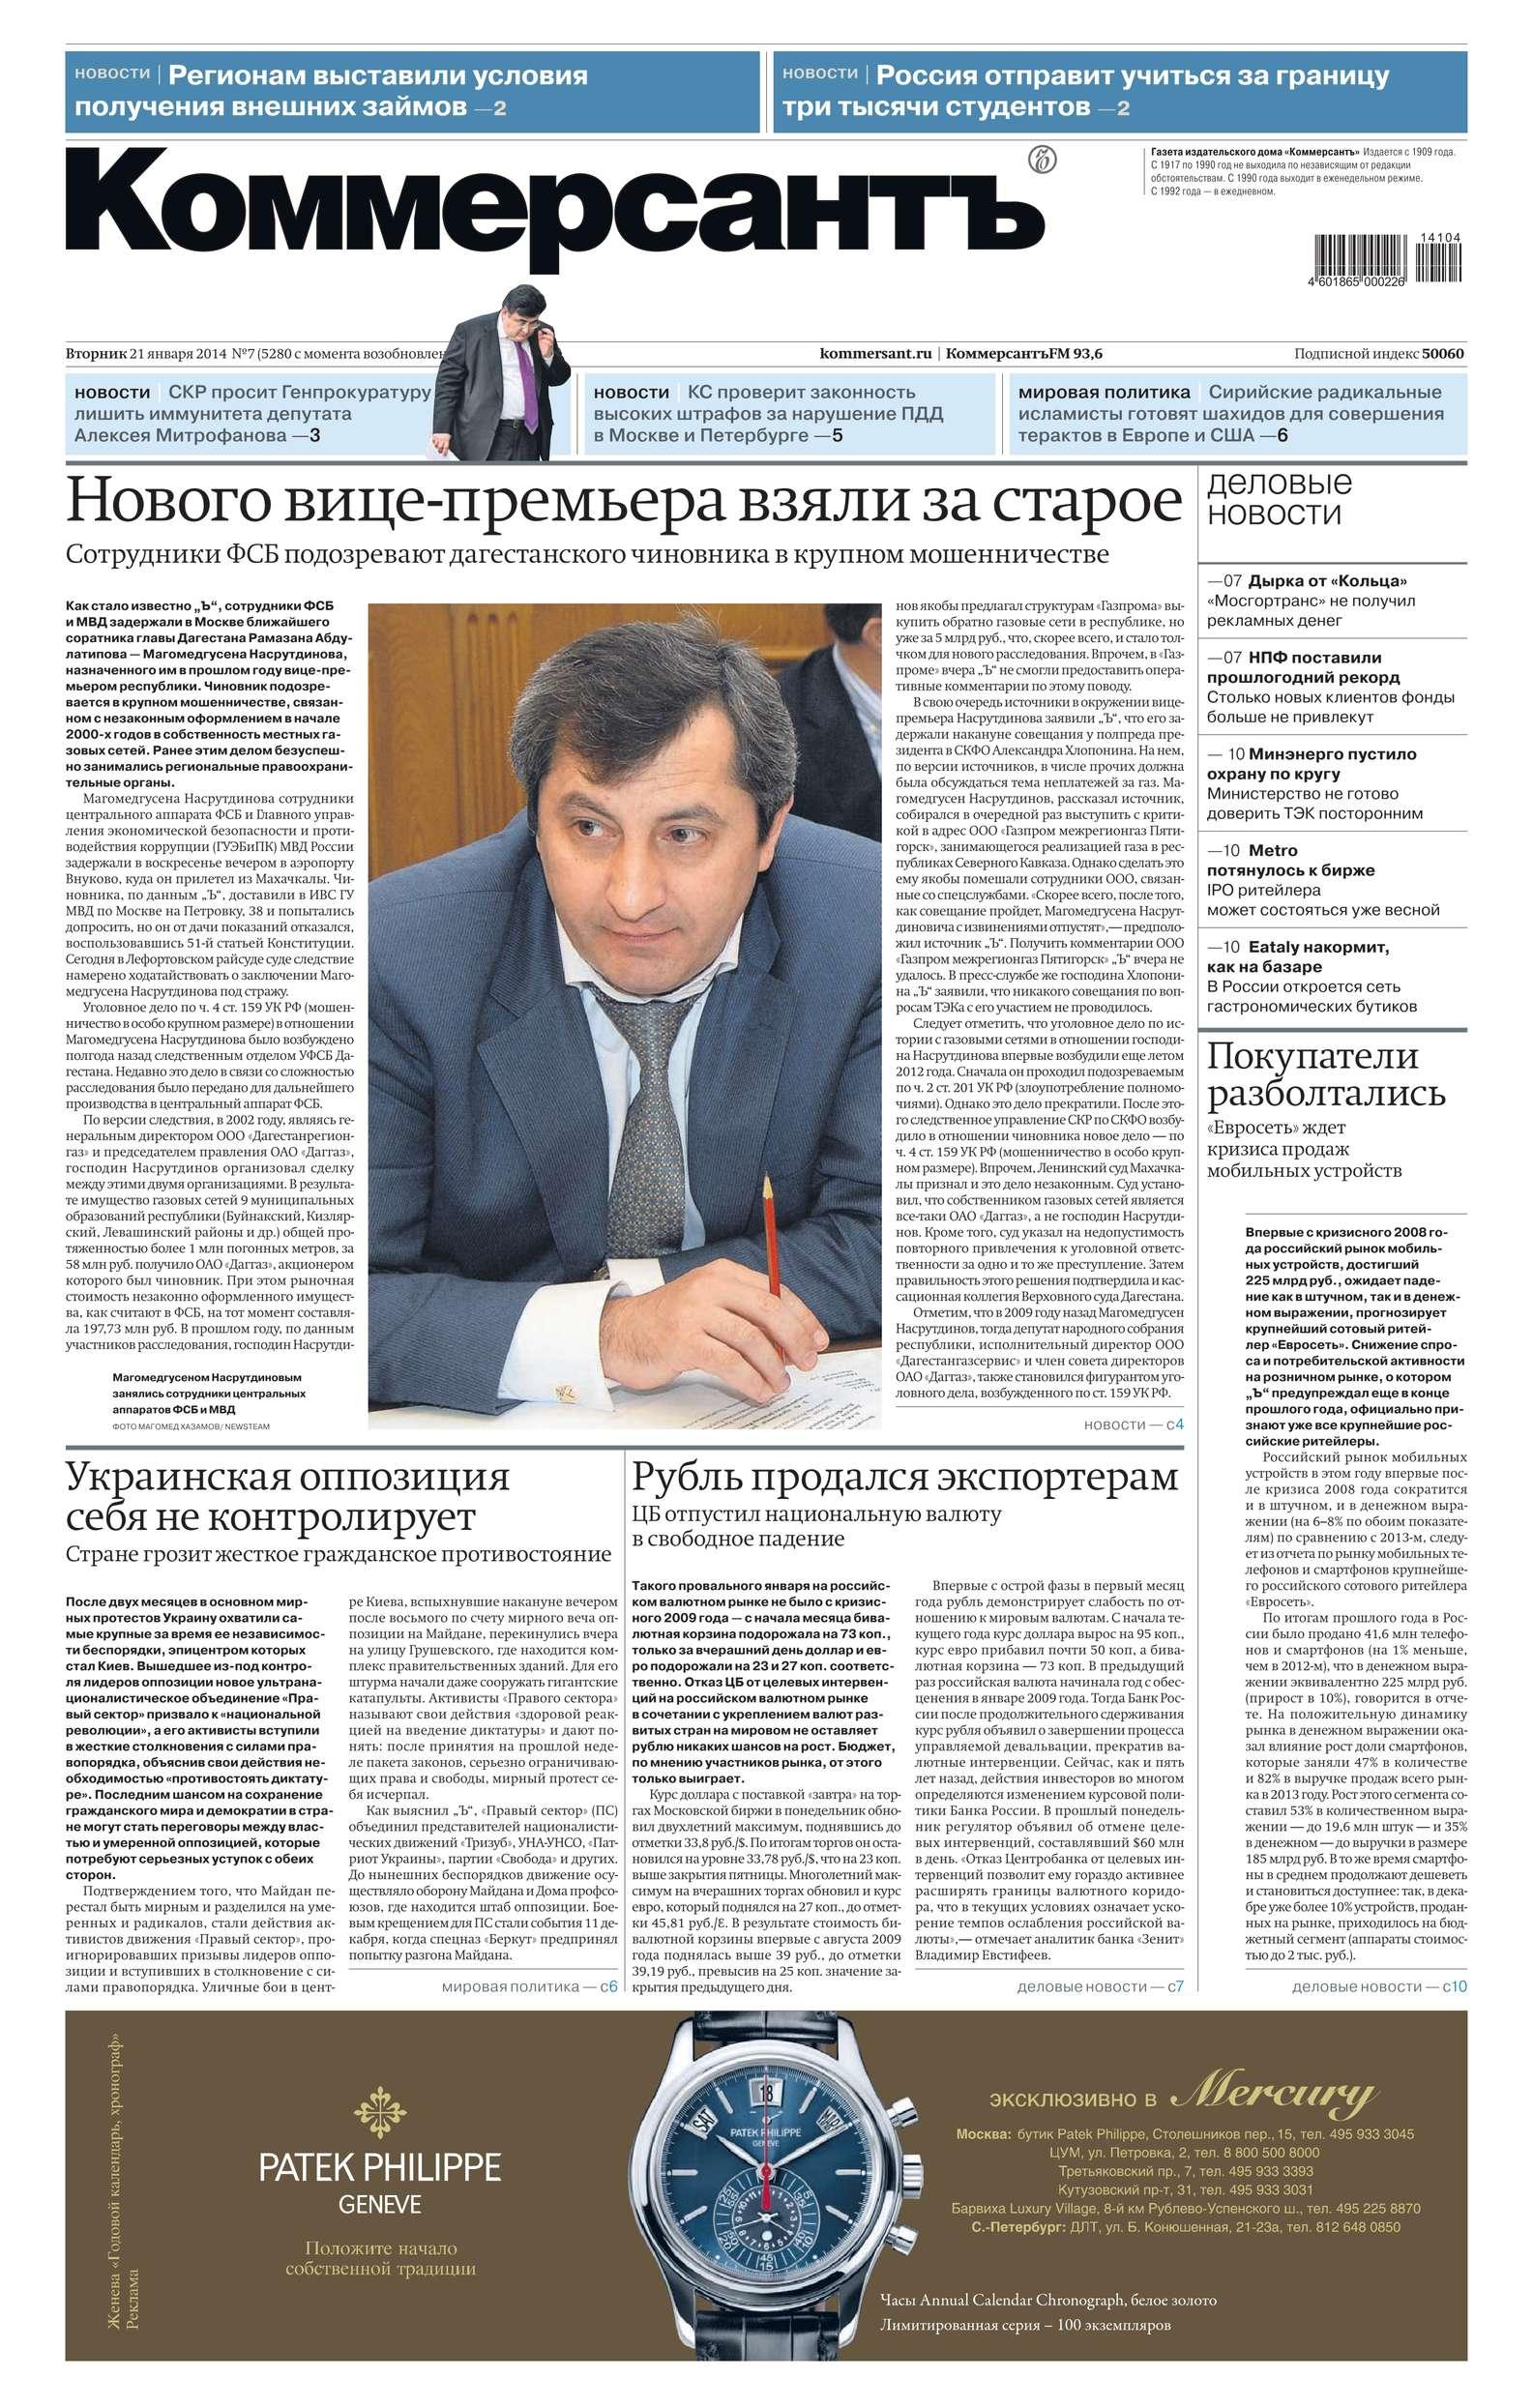 Редакция газеты Коммерсантъ (понедельник-пятница) КоммерсантЪ 7-2014